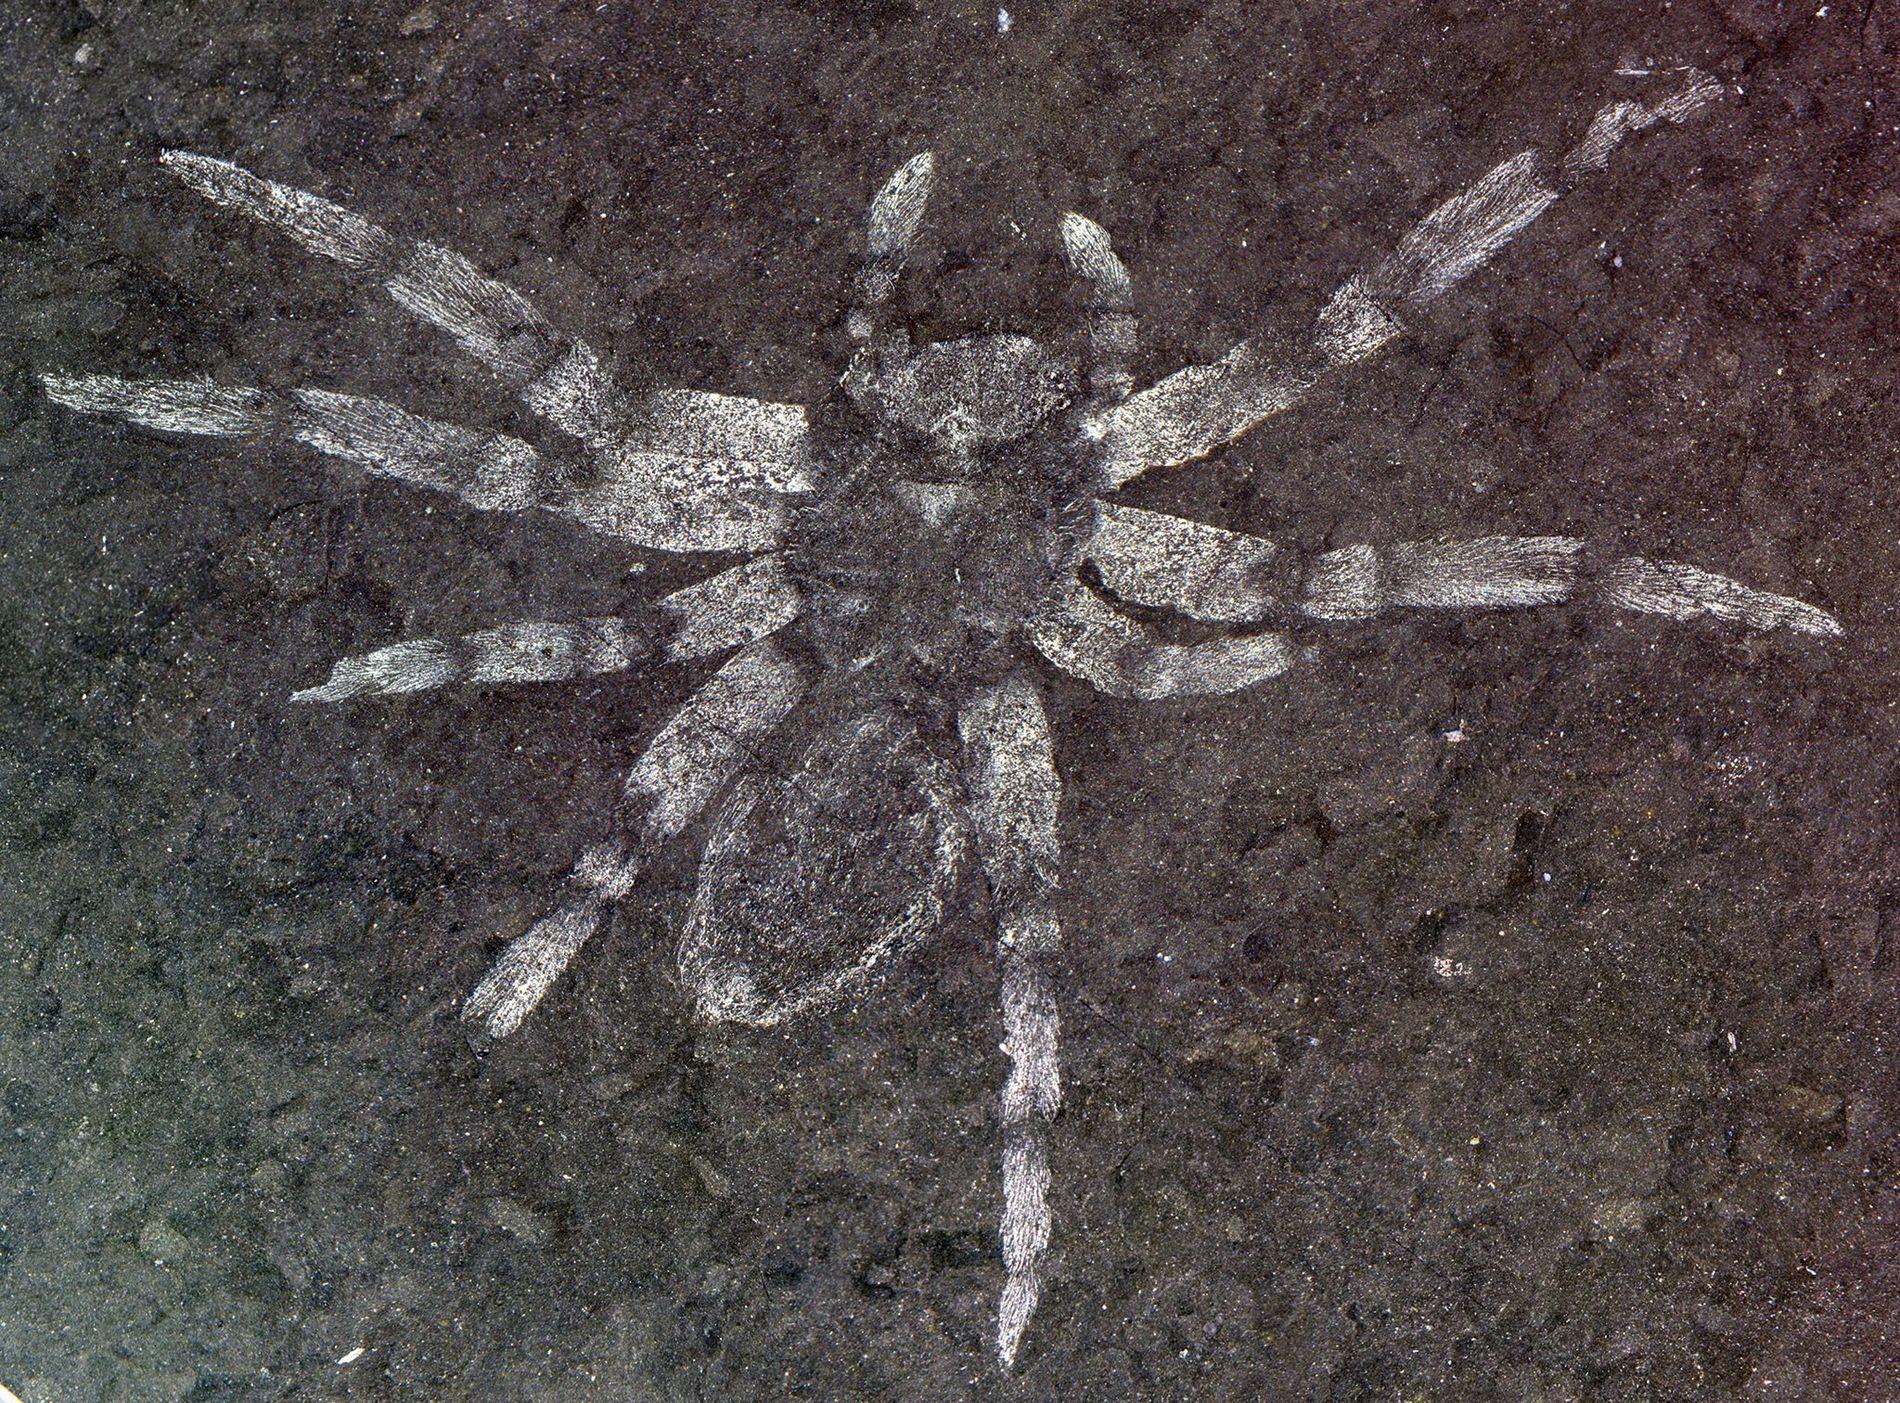 Le spécimen de Koreamegops samsiki, à l'origine de la définition de cette nouvelle espèce d'araignée, vivait ...